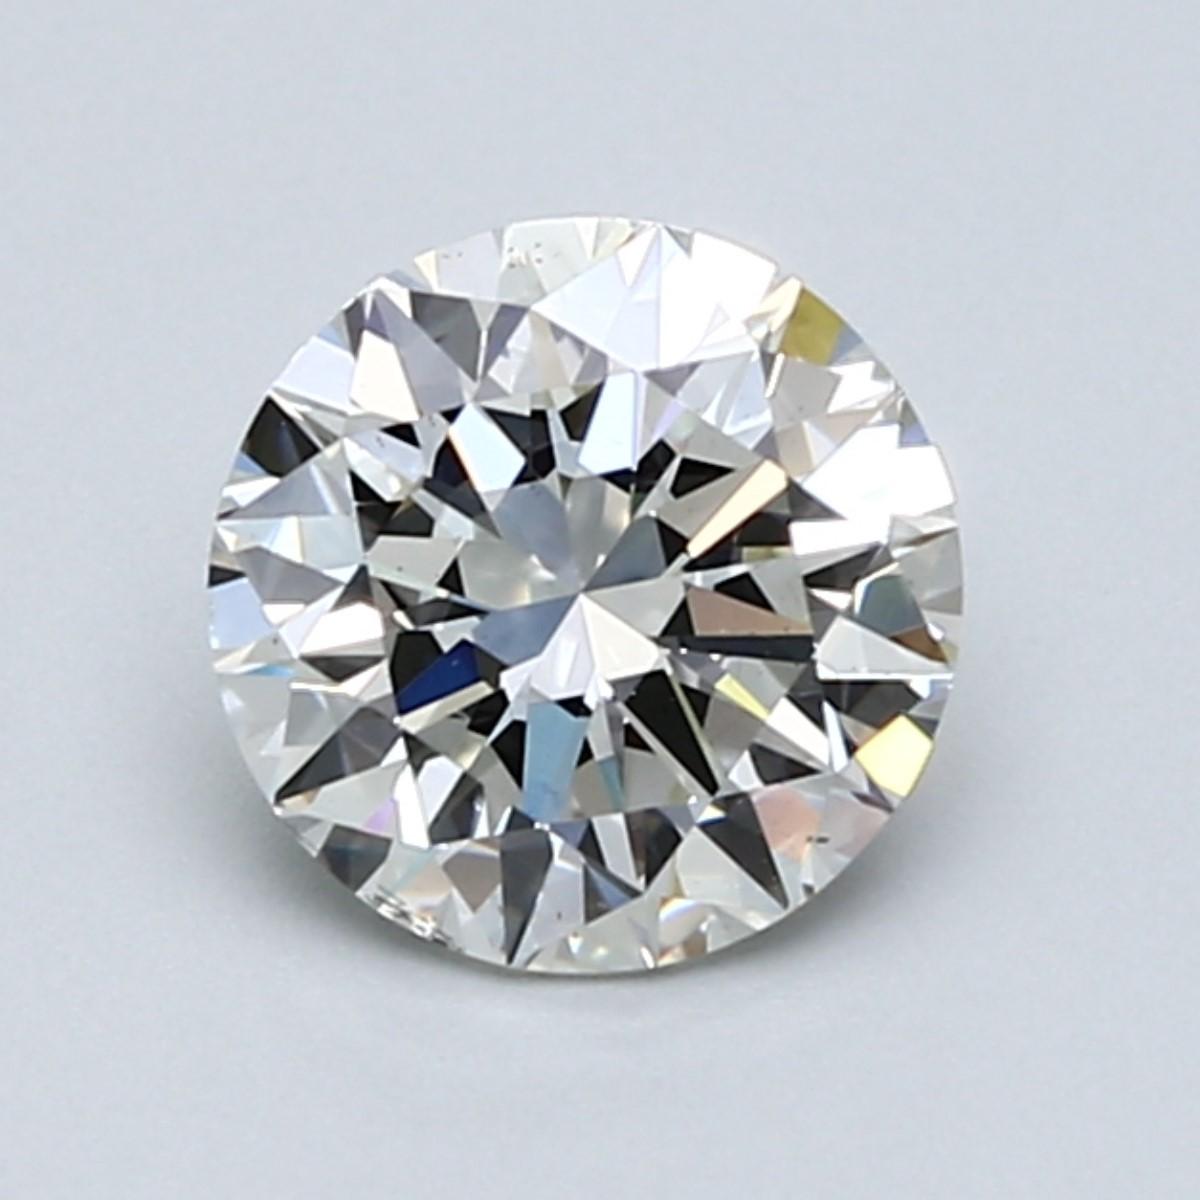 Blue Nile 1.25克拉圆形切割钻石(切工理想 成色I 净度VS2)